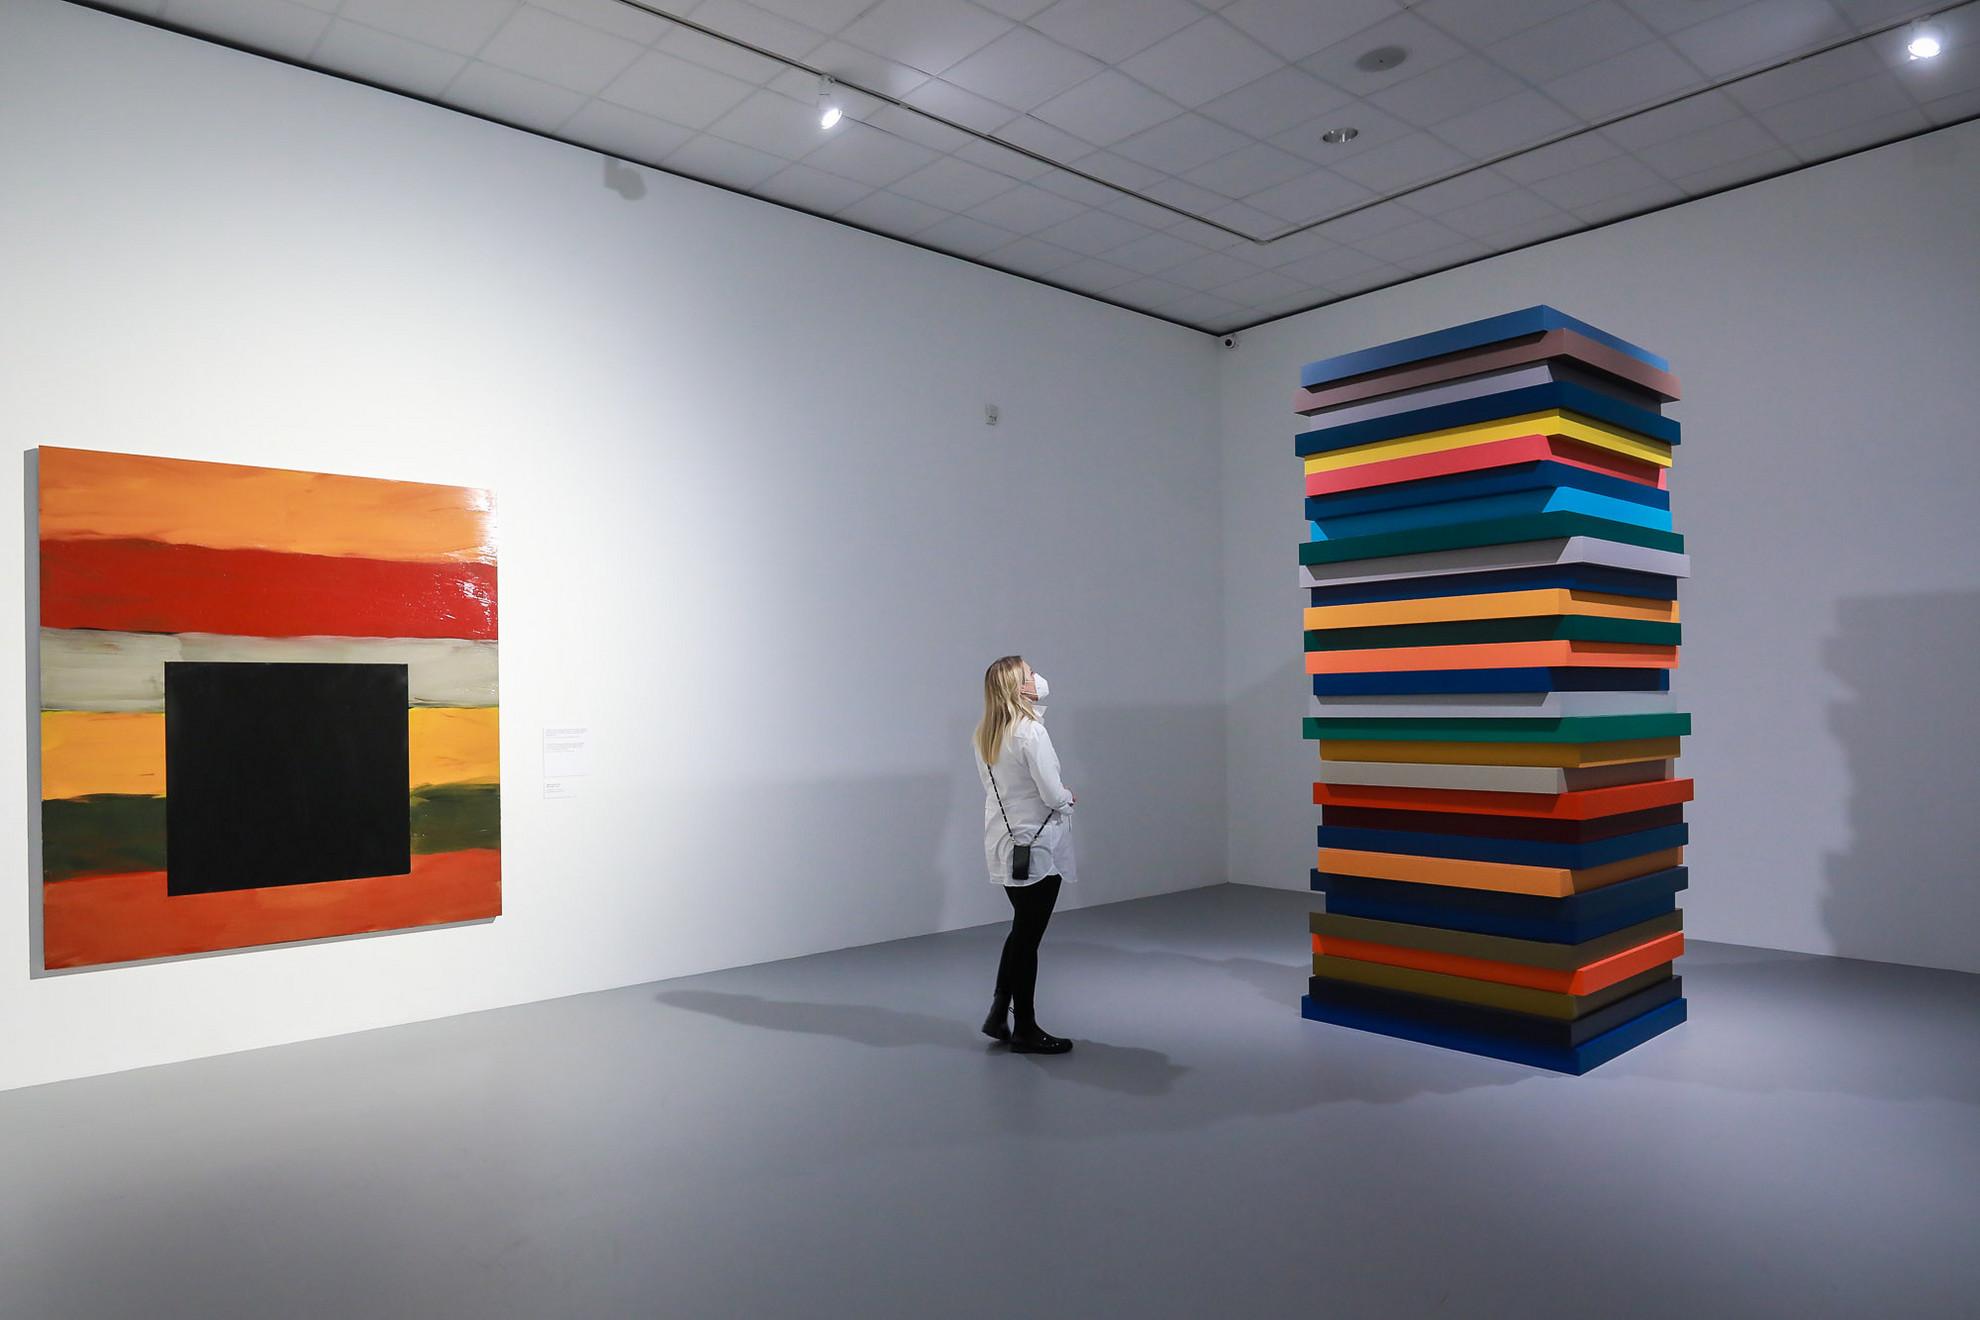 A tárlat átfogó módon, csaknem száztíz alkotáson keresztül mutatja be az absztrakt festészet egyik legnagyobb élő alakjának életművét a CAFe Budapest Kortárs Művészeti Fesztivál keretében